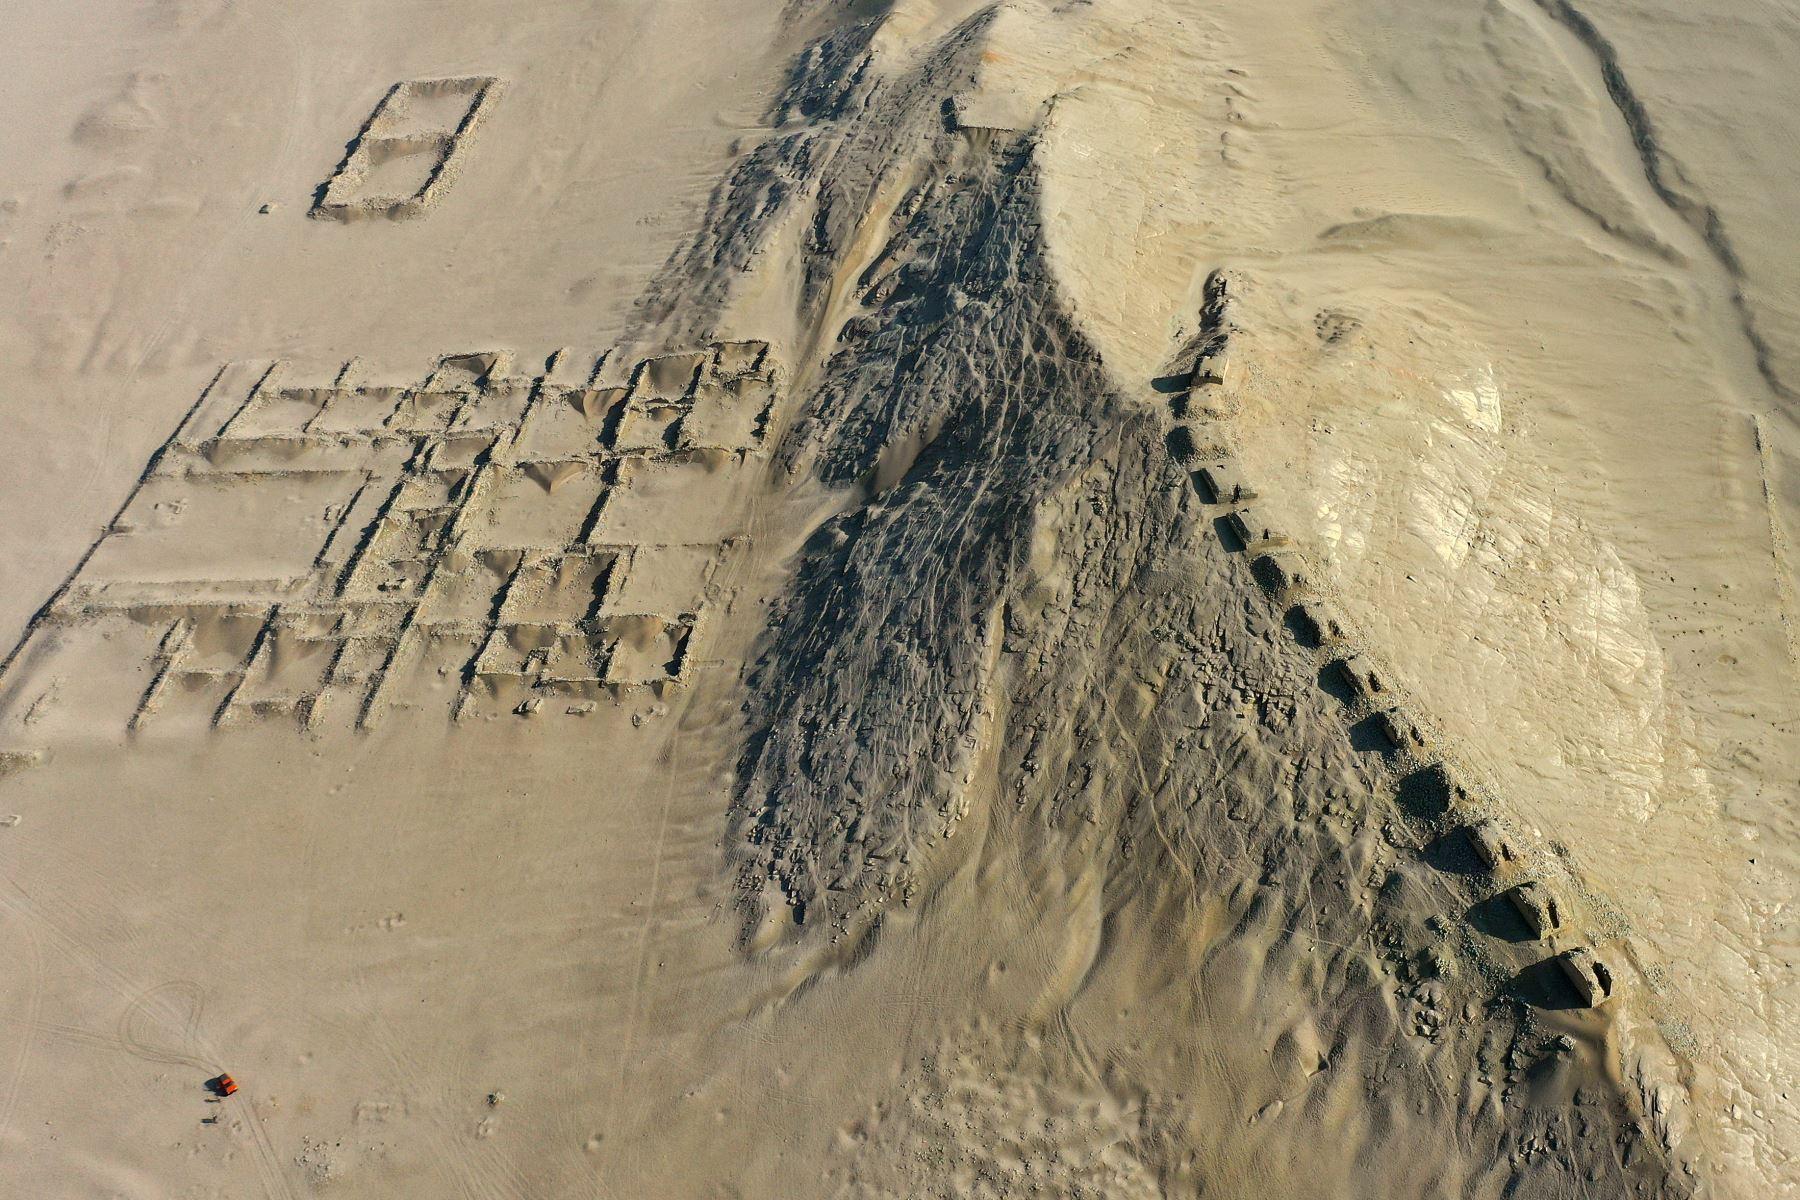 Vista aérea del Observatorio Solar Chankillo en Casma, Perú. Chankillo, el observatorio solar más antiguo de América entre 500 y 200 AC, es un complejo de piedra que incluye un templo, plaza y 13 torres alineadas desde el norte al sur a lo largo de la cima de una colina.  Foto: AFP